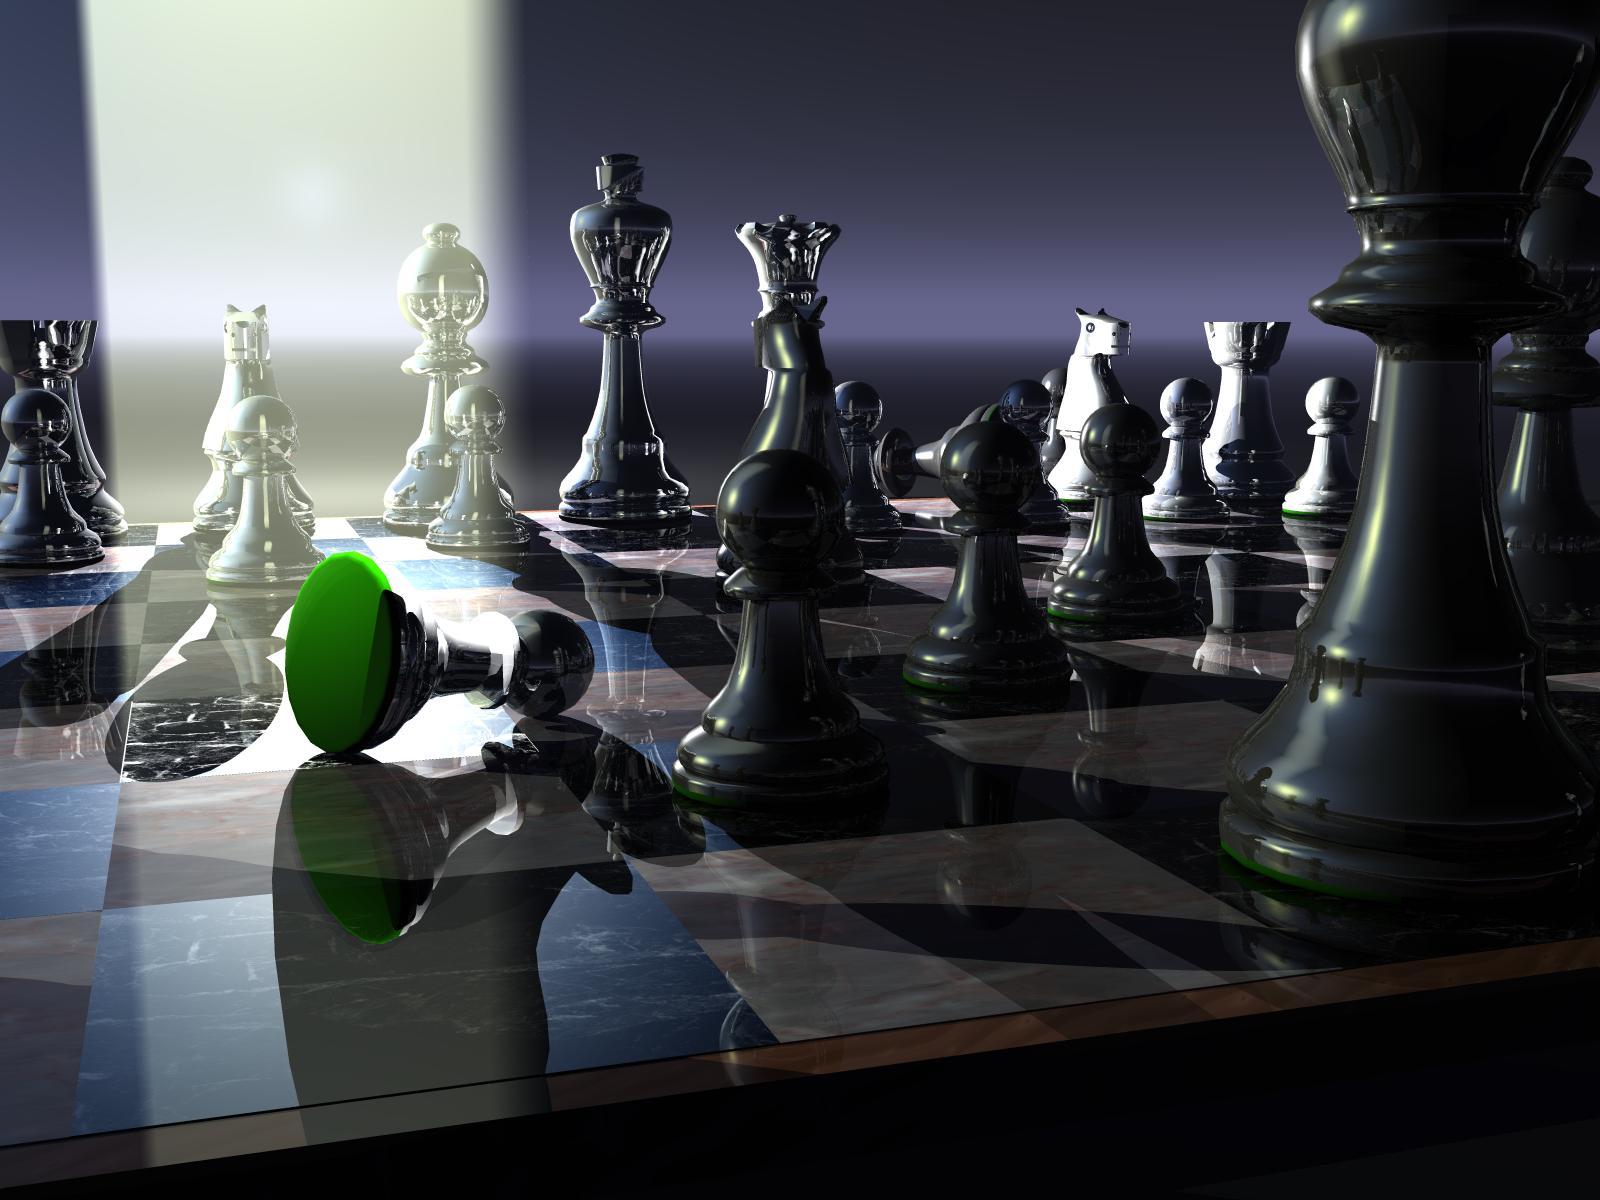 3d-wallpaper-desktop-chess-board-3d.jpg